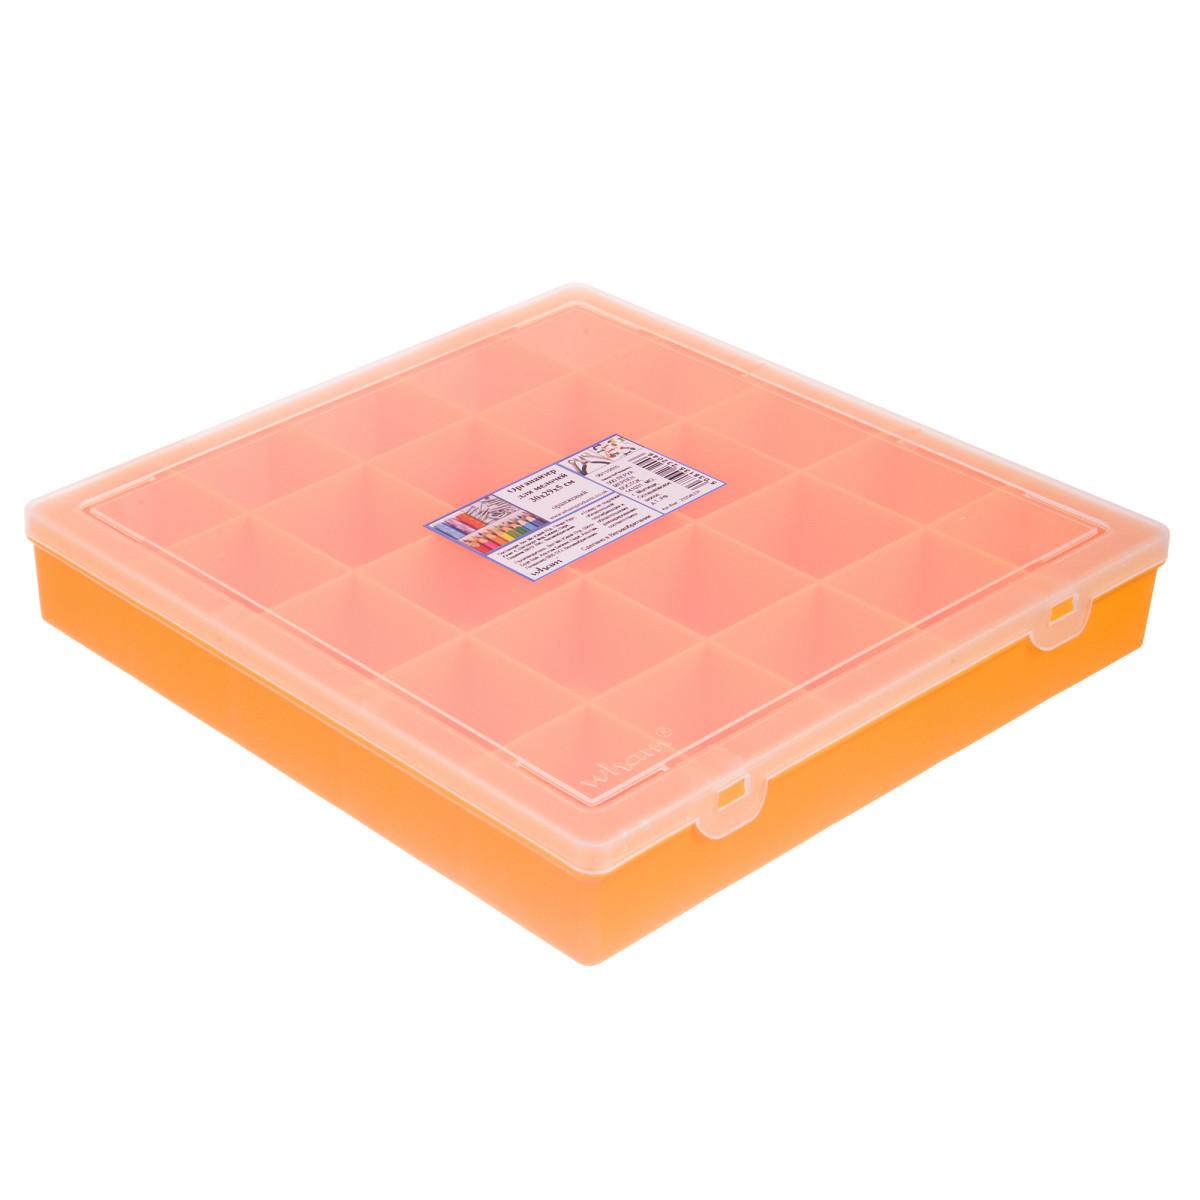 Органайзер Для Мелочей 30Х29Х5 Оранжевый